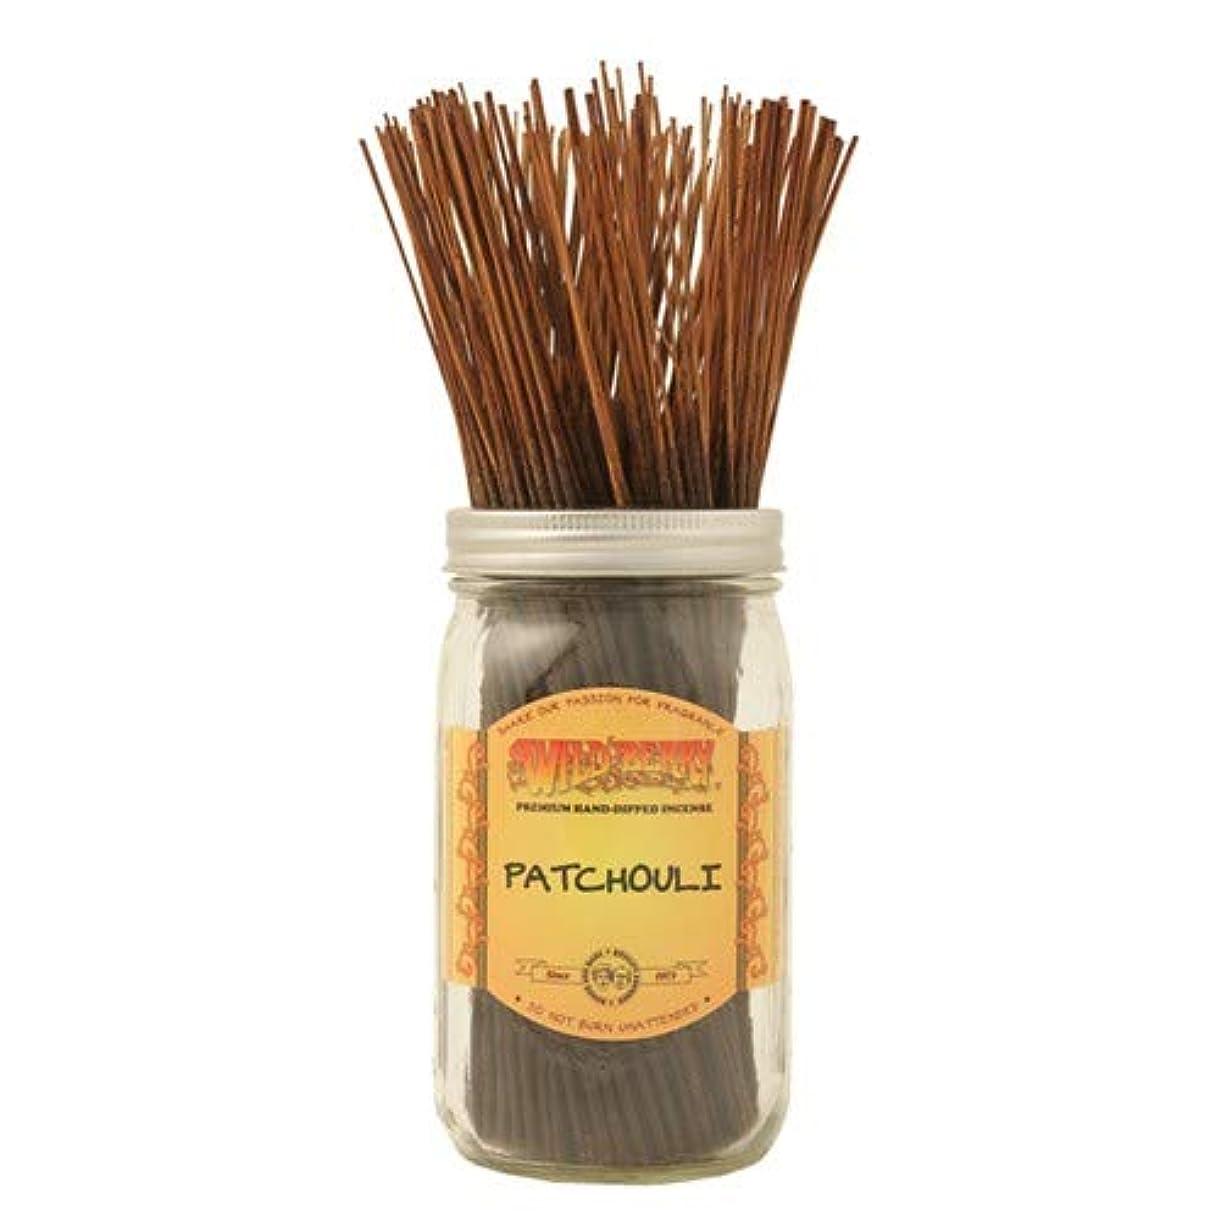 に対して検索エンジン最適化記事Patchouli - 100 Wildberry Incense Sticks